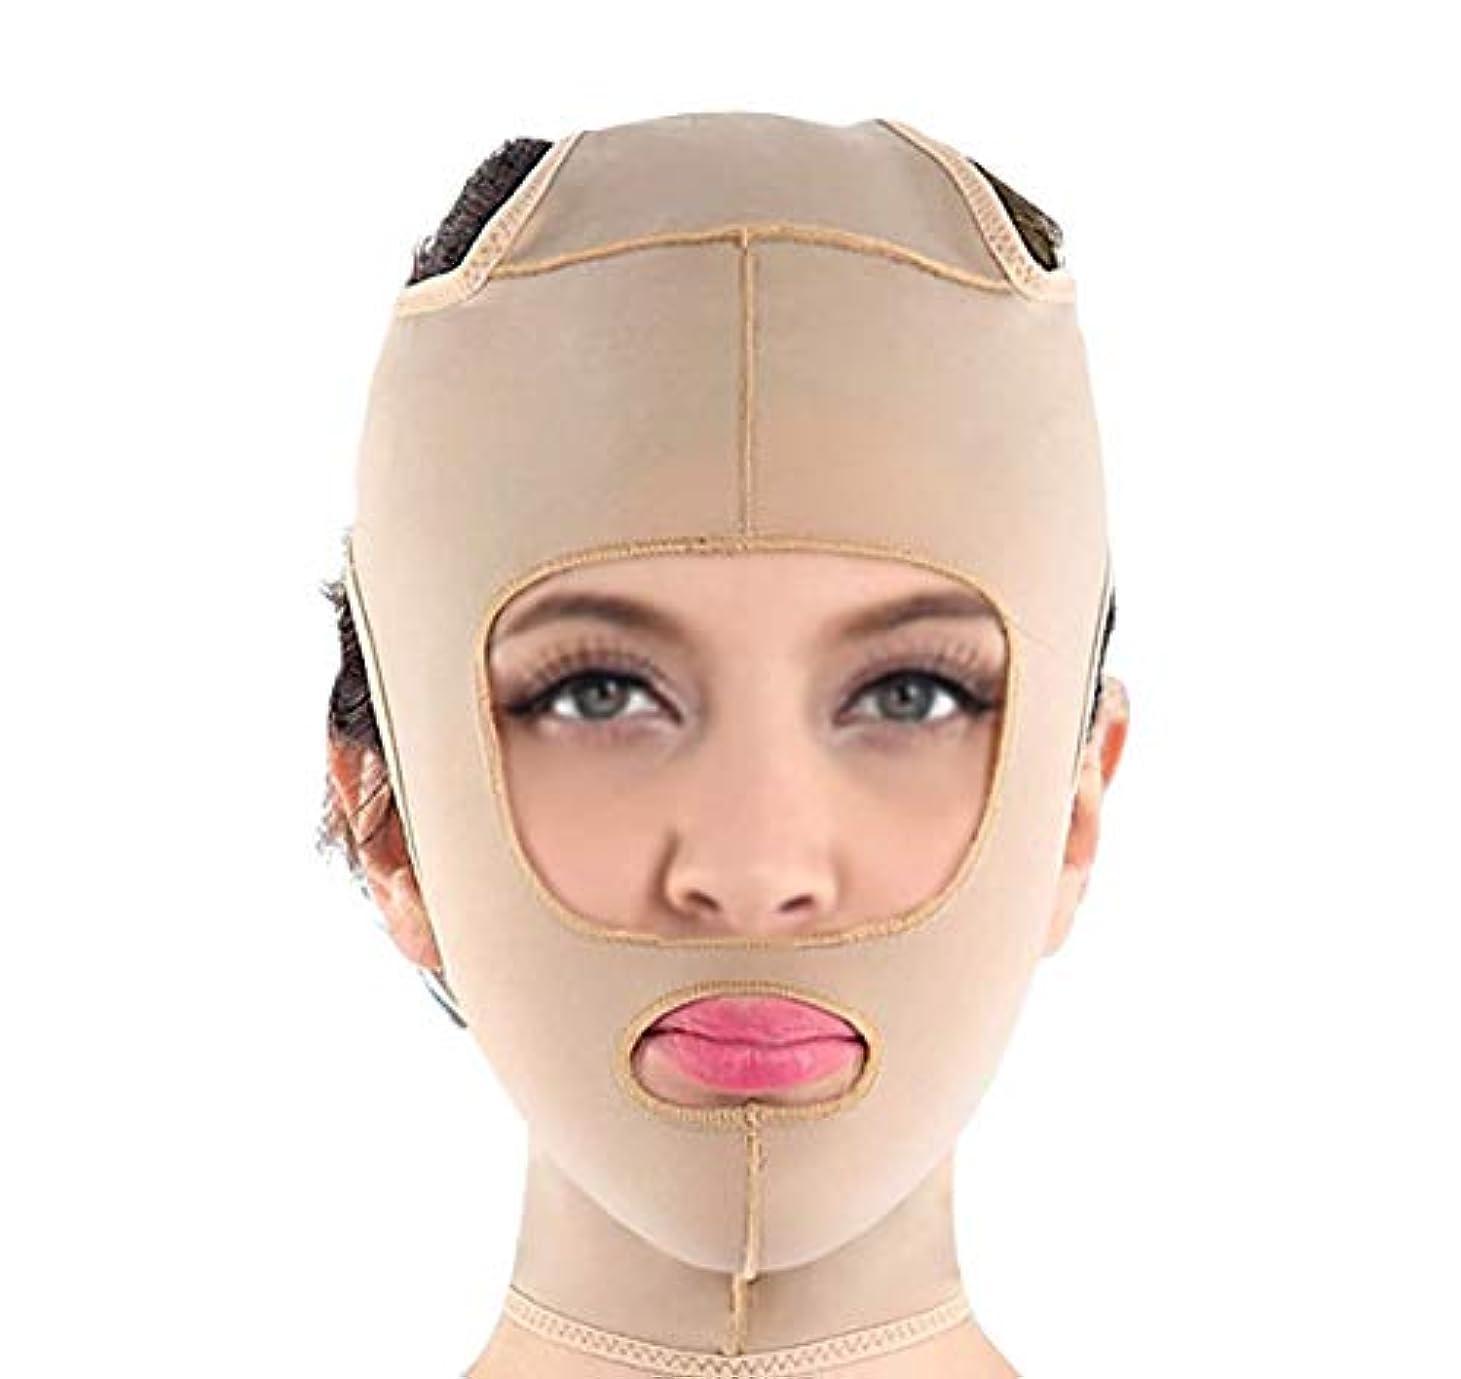 四半期傀儡太いフェイスリフティングマスクで肌をよりしっかりと保ち、V字型の顔を形作り、超薄型の通気性、調節可能で快適な着用感(サイズ:Xl),L